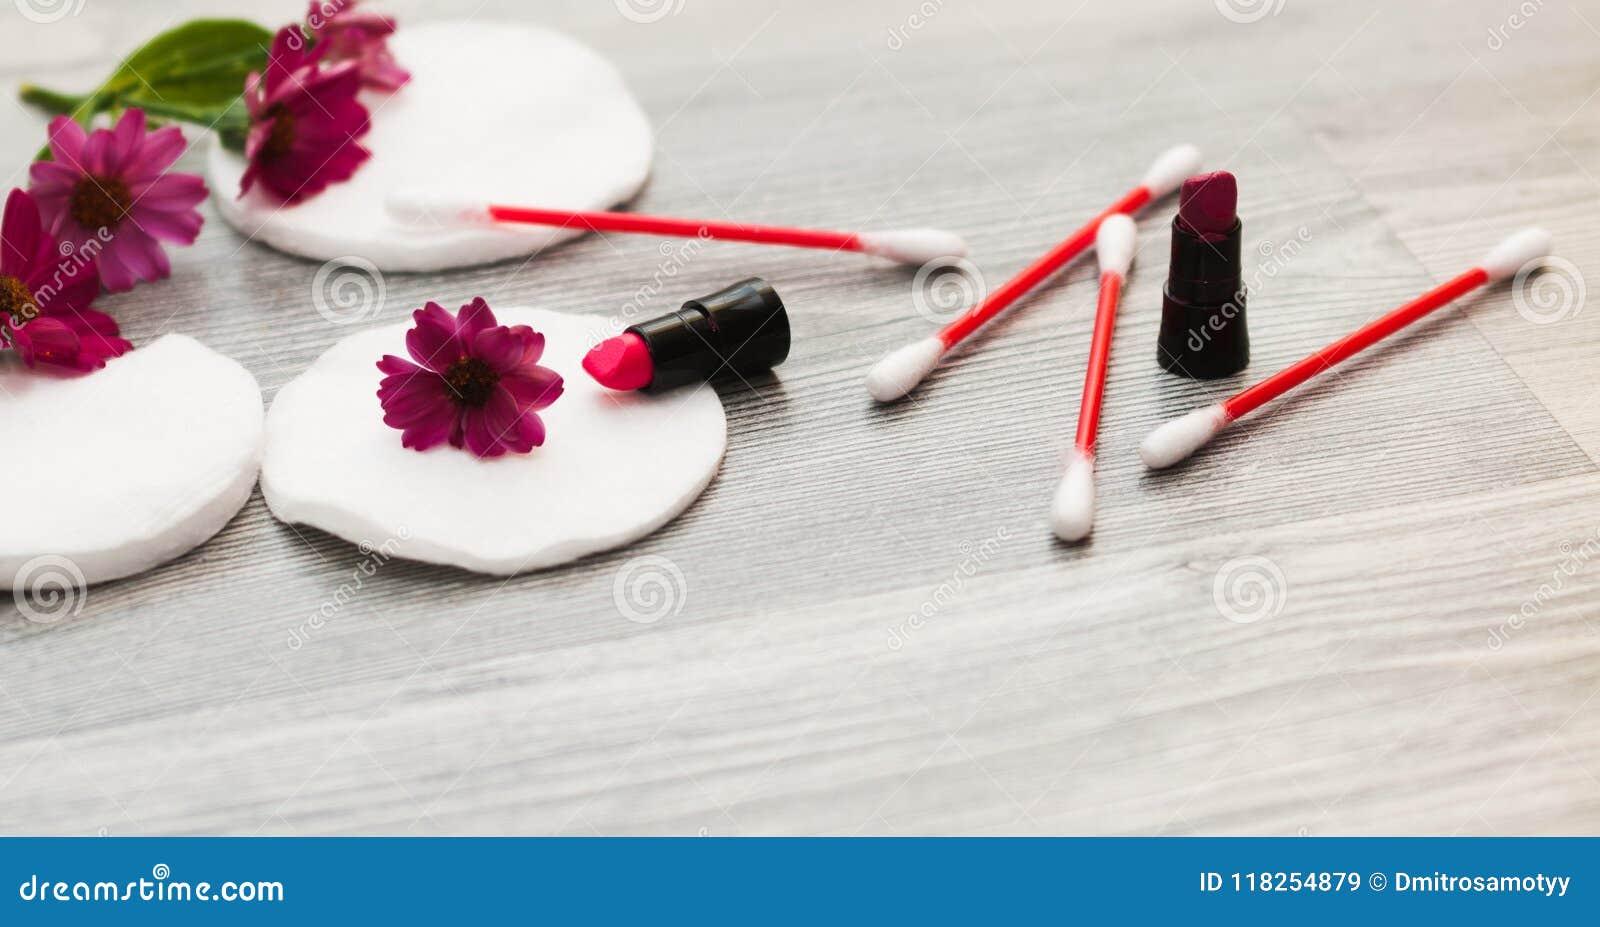 Изображение домодельных ингридиентов косметик тема ароматности Губки хлопка для извлекать состав